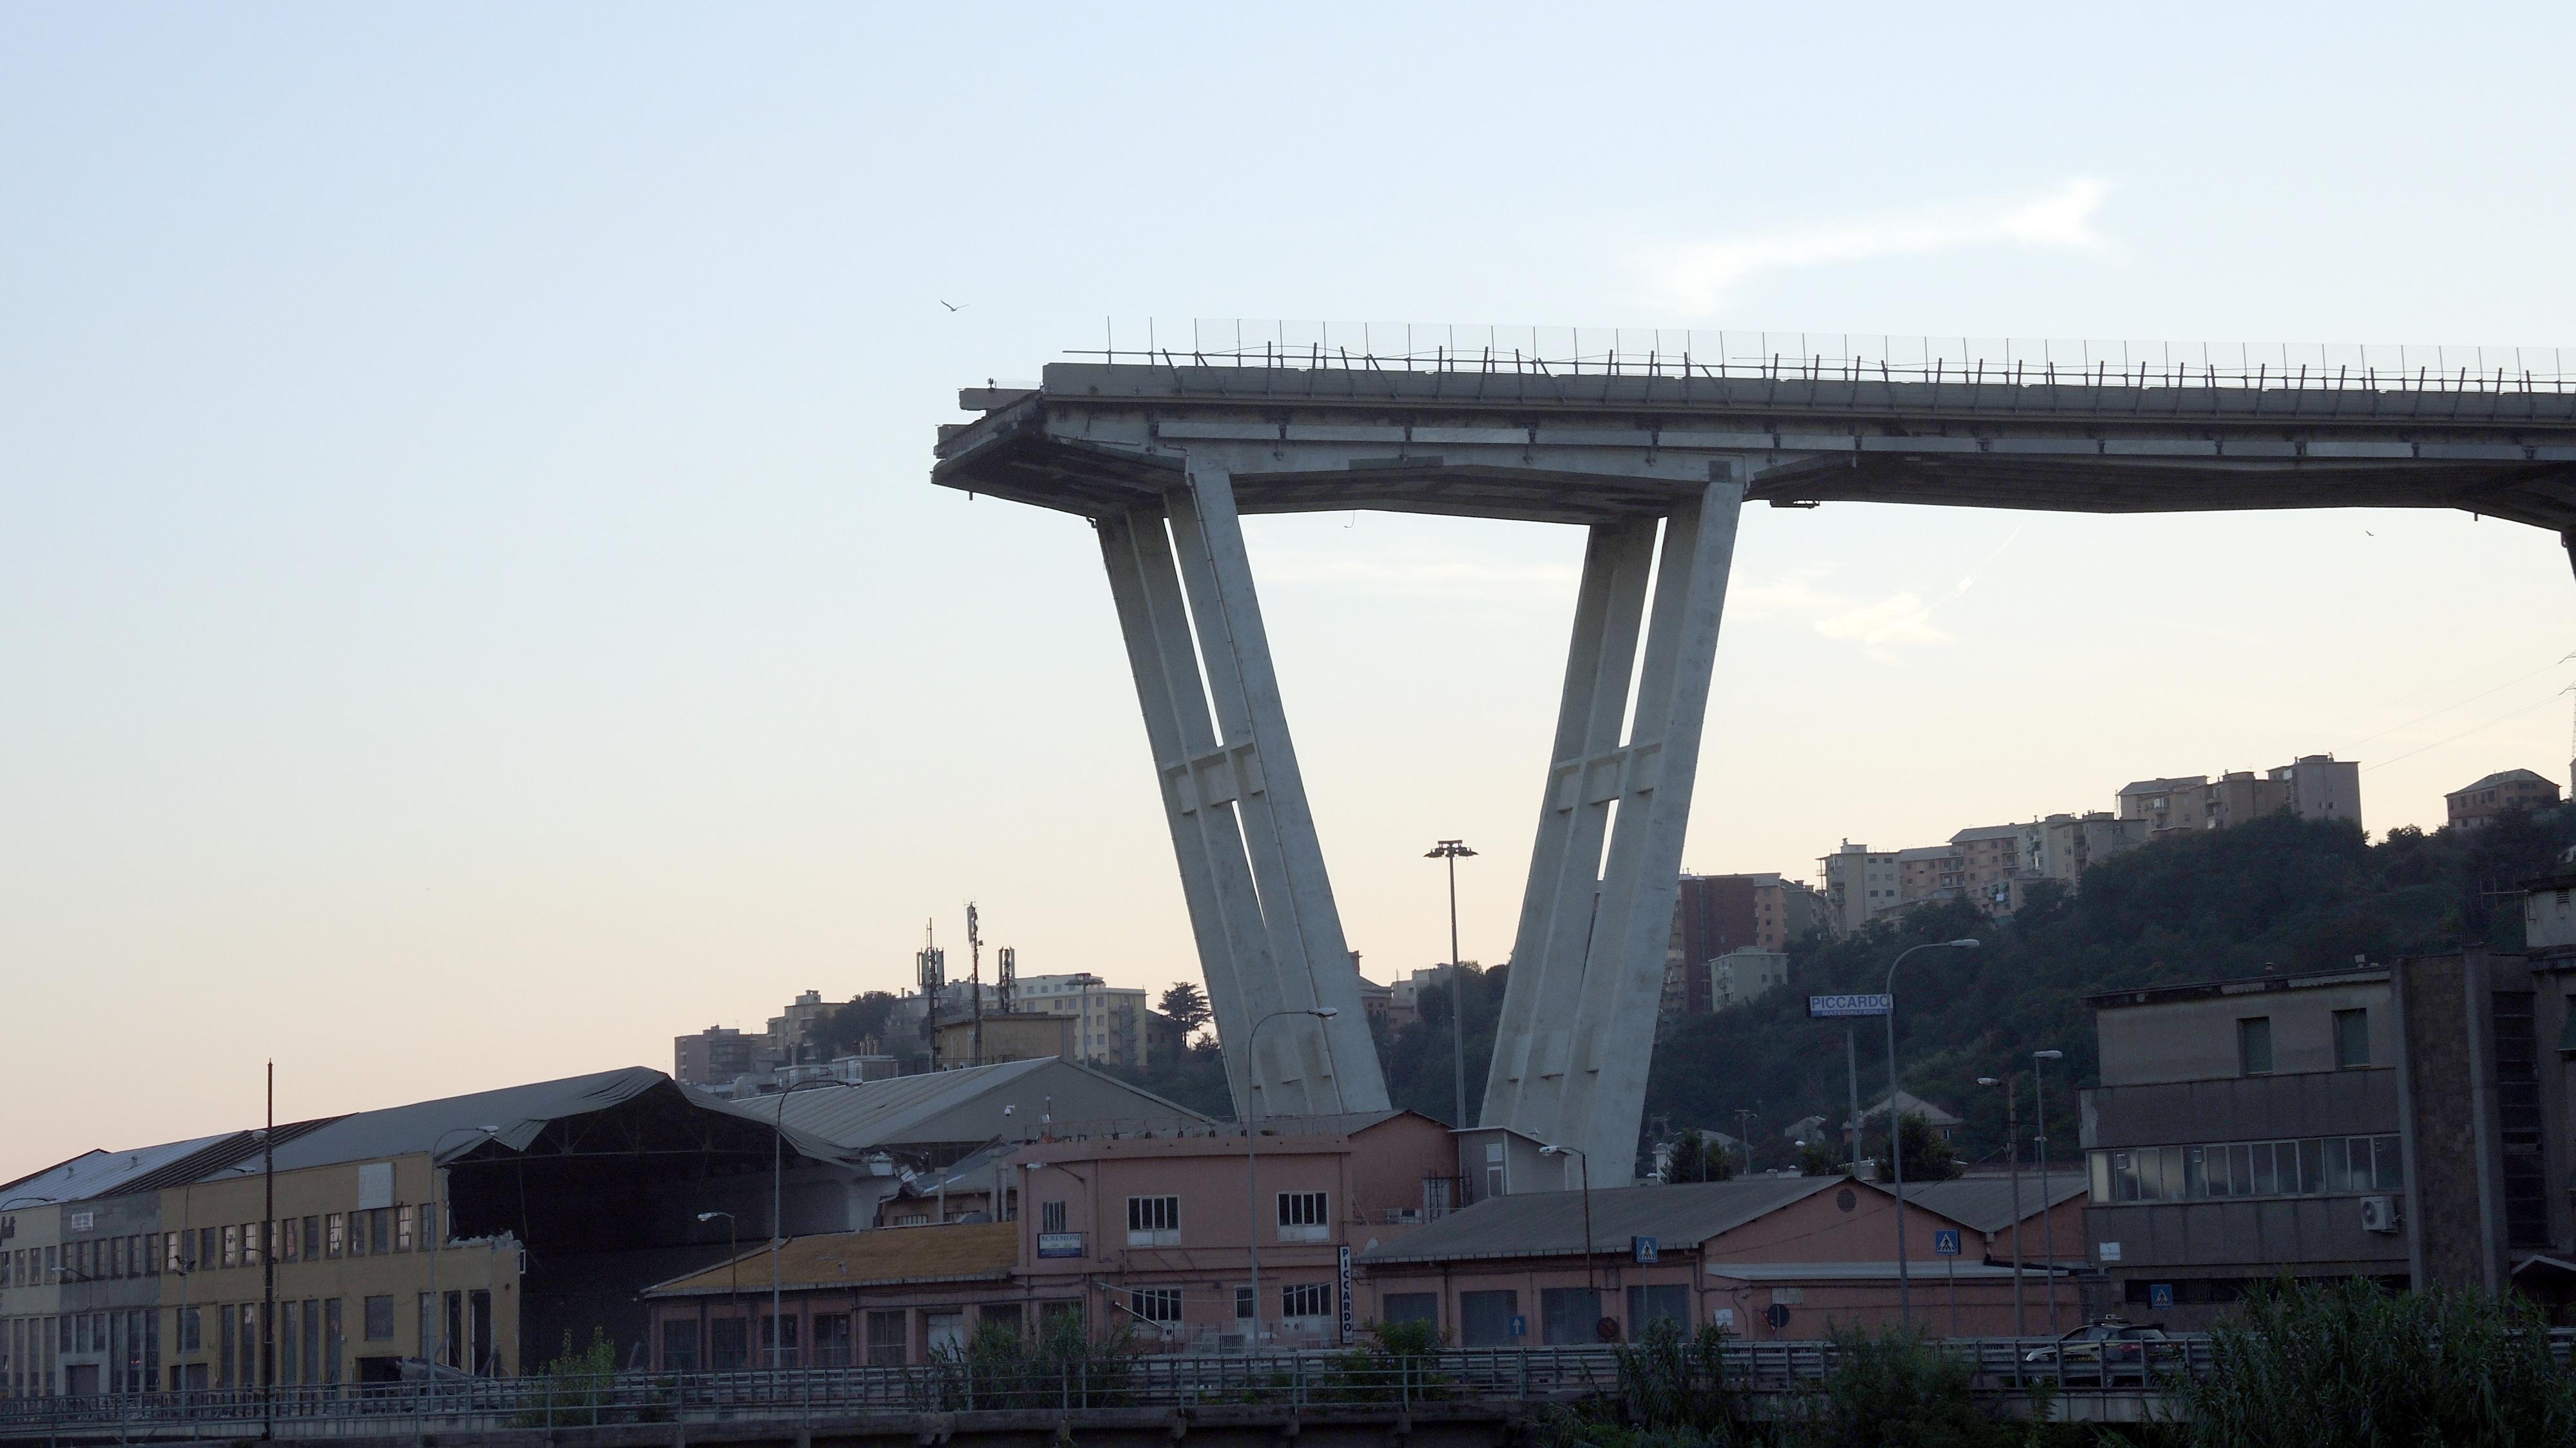 Blick auf einen Überrest der Morandi-Brücke, die am 14. August auf etwa 180 Metern einstürzte.